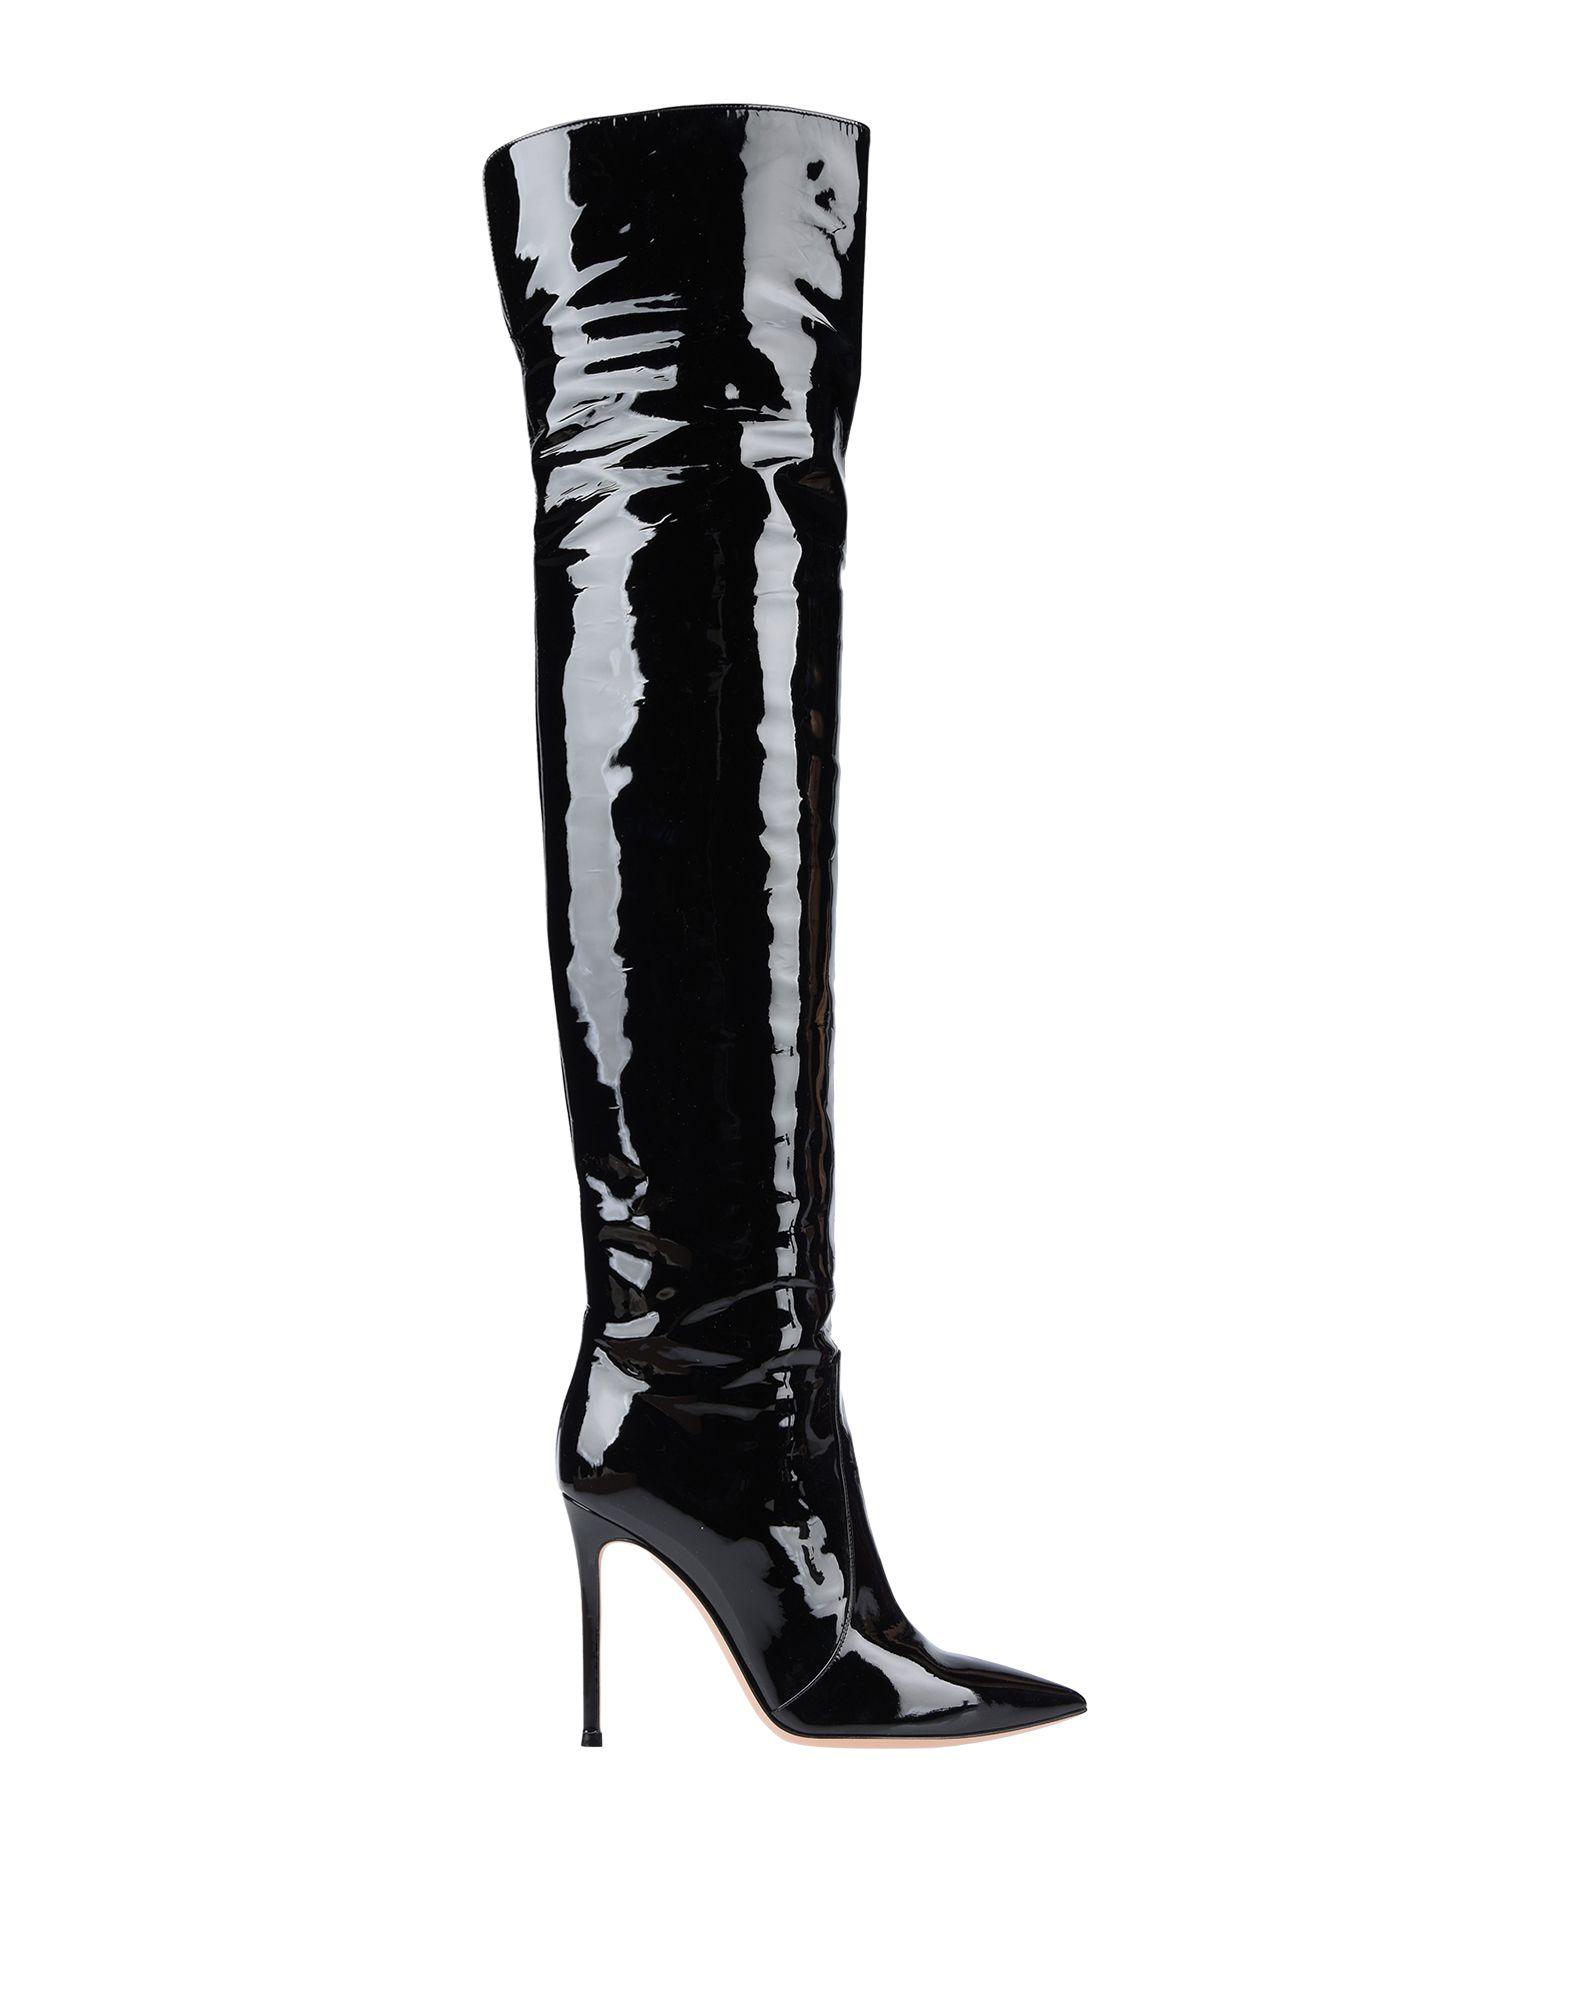 Stiefel Gianvito Rossi damen - 11682009JC